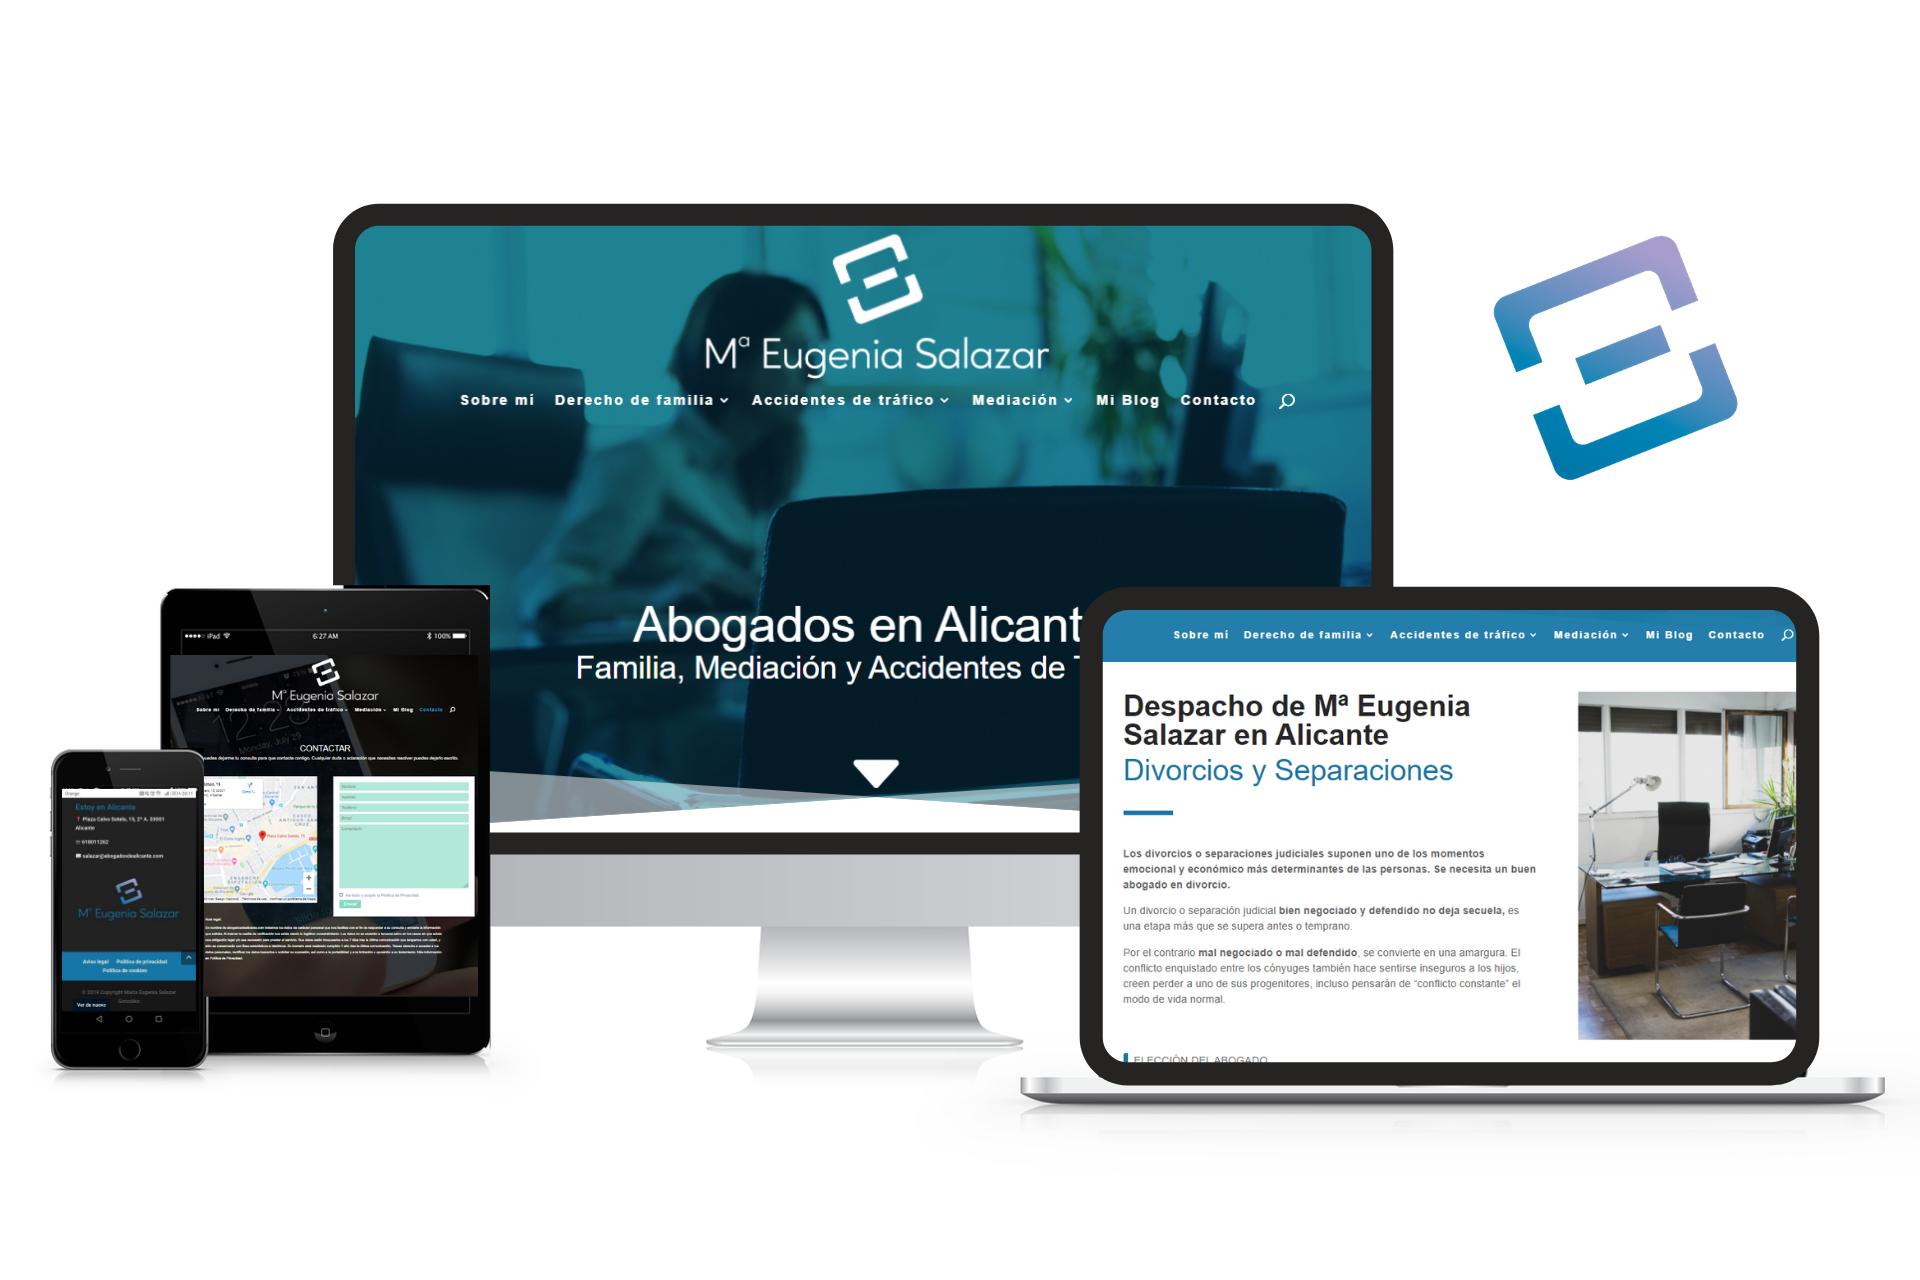 pagina web sencilla